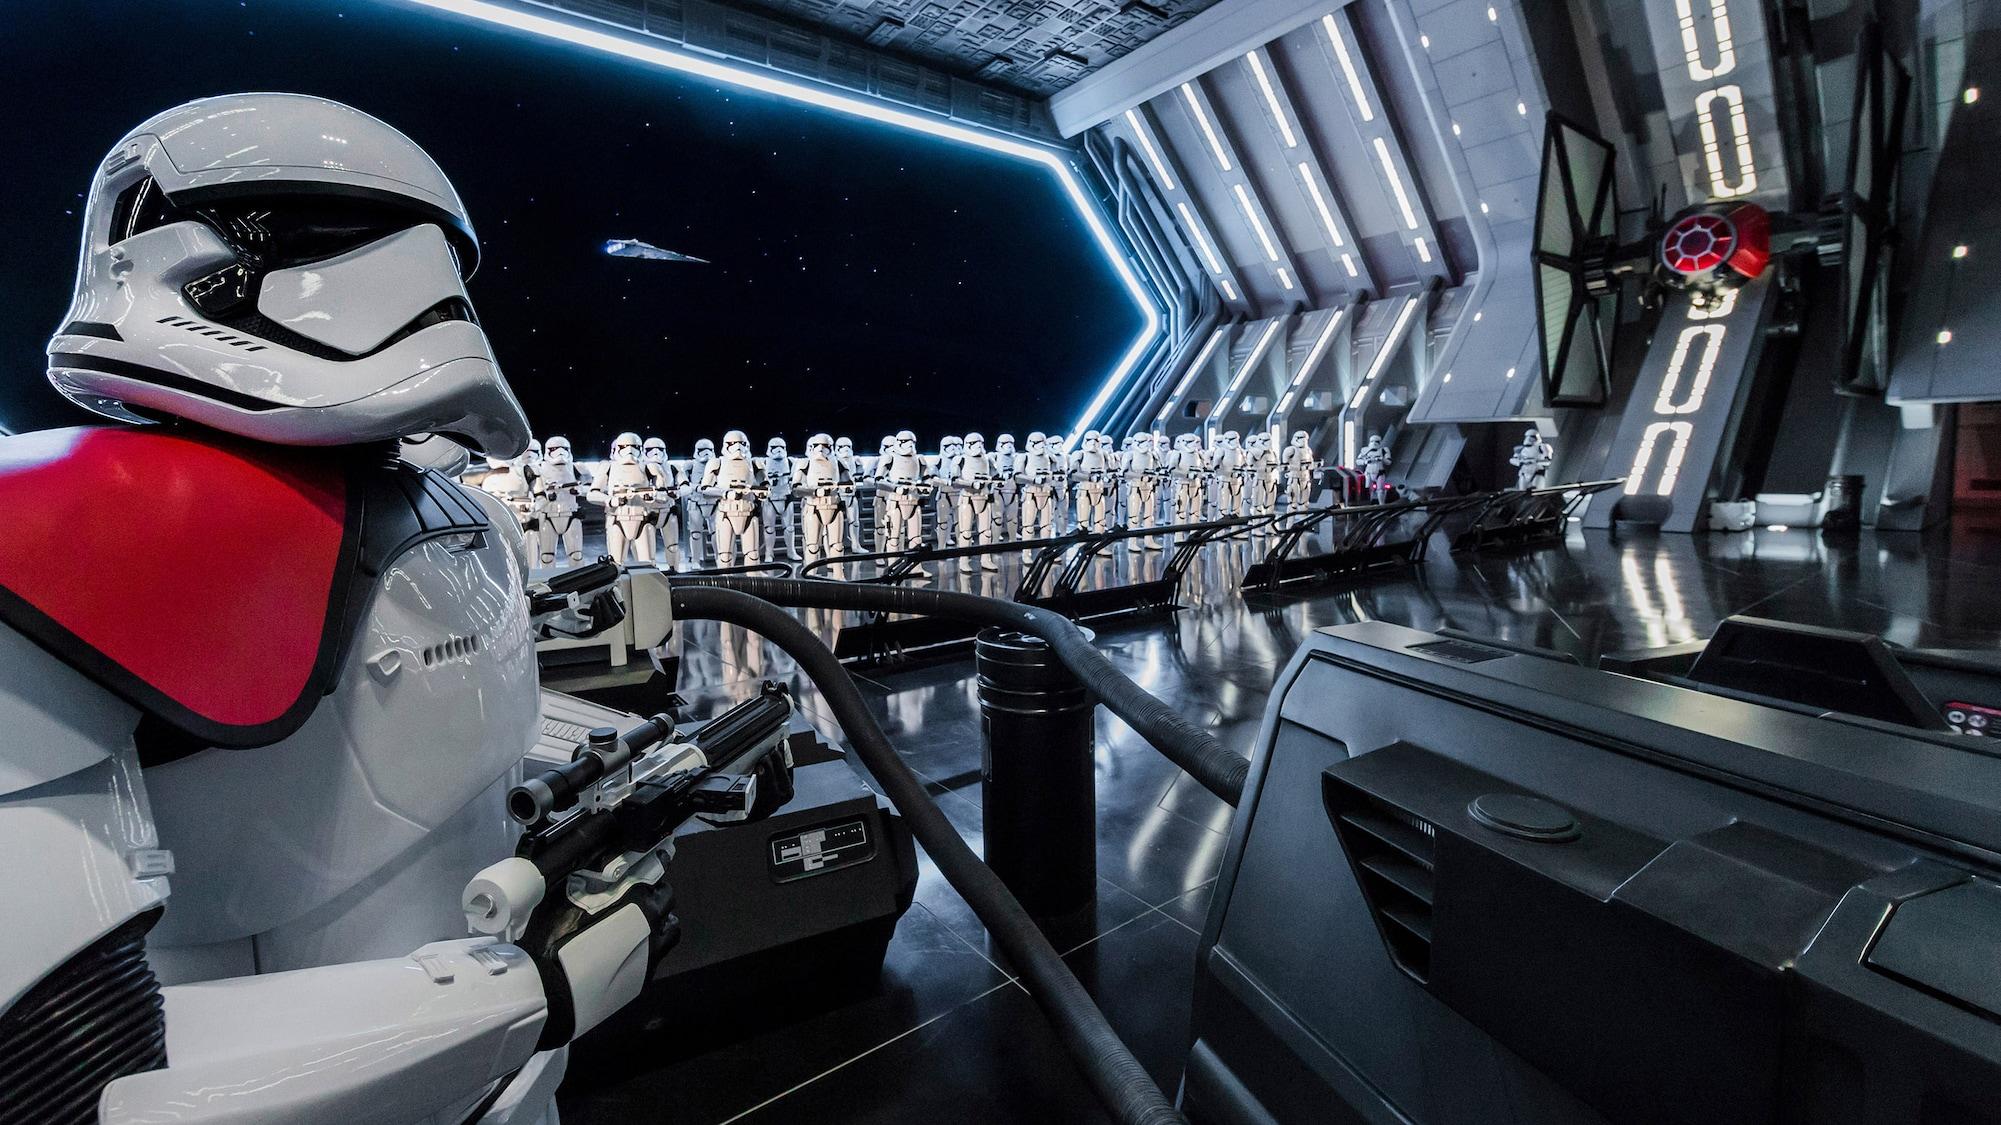 Un tour virtuale per la nuova attrazione di Star Wars thumbnail